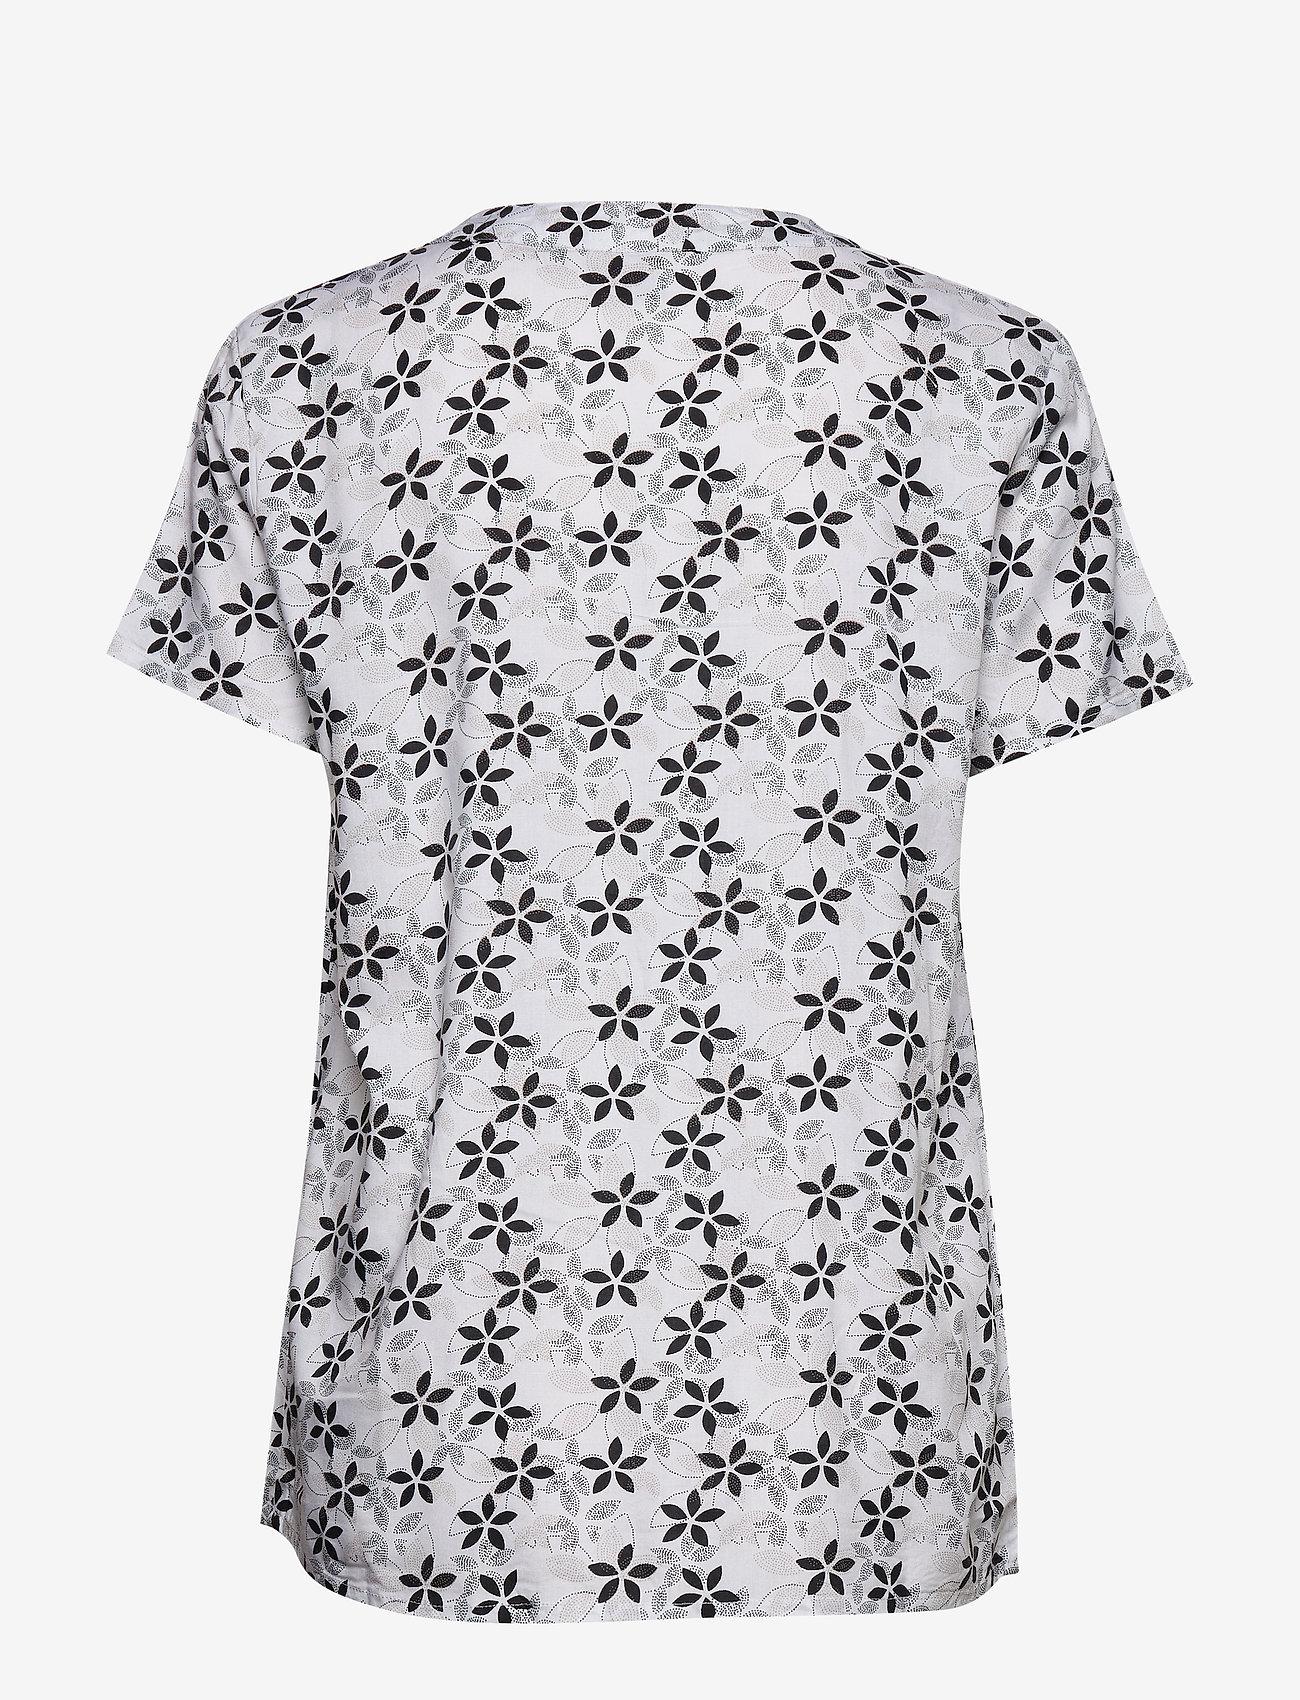 Shirt S/s Woven (Black) (23.97 €) - Brandtex VQvgN